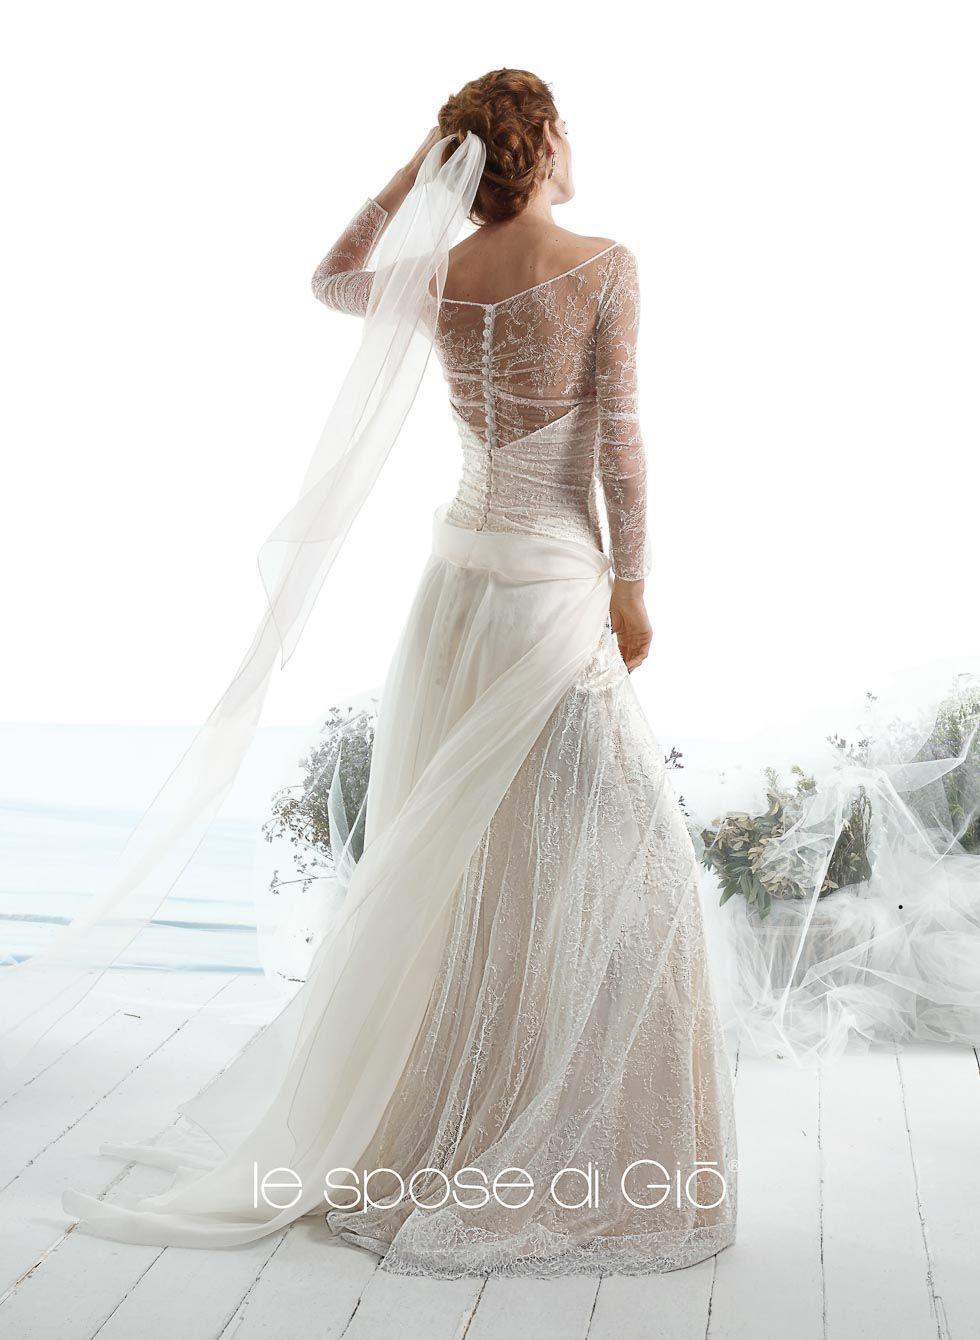 Brautkleid aus Spitze mit transparentem Spitzen-Einsatz am Rücken sowie langen transparenten Spitzen-Ärmeln und von Le Spose di Gió